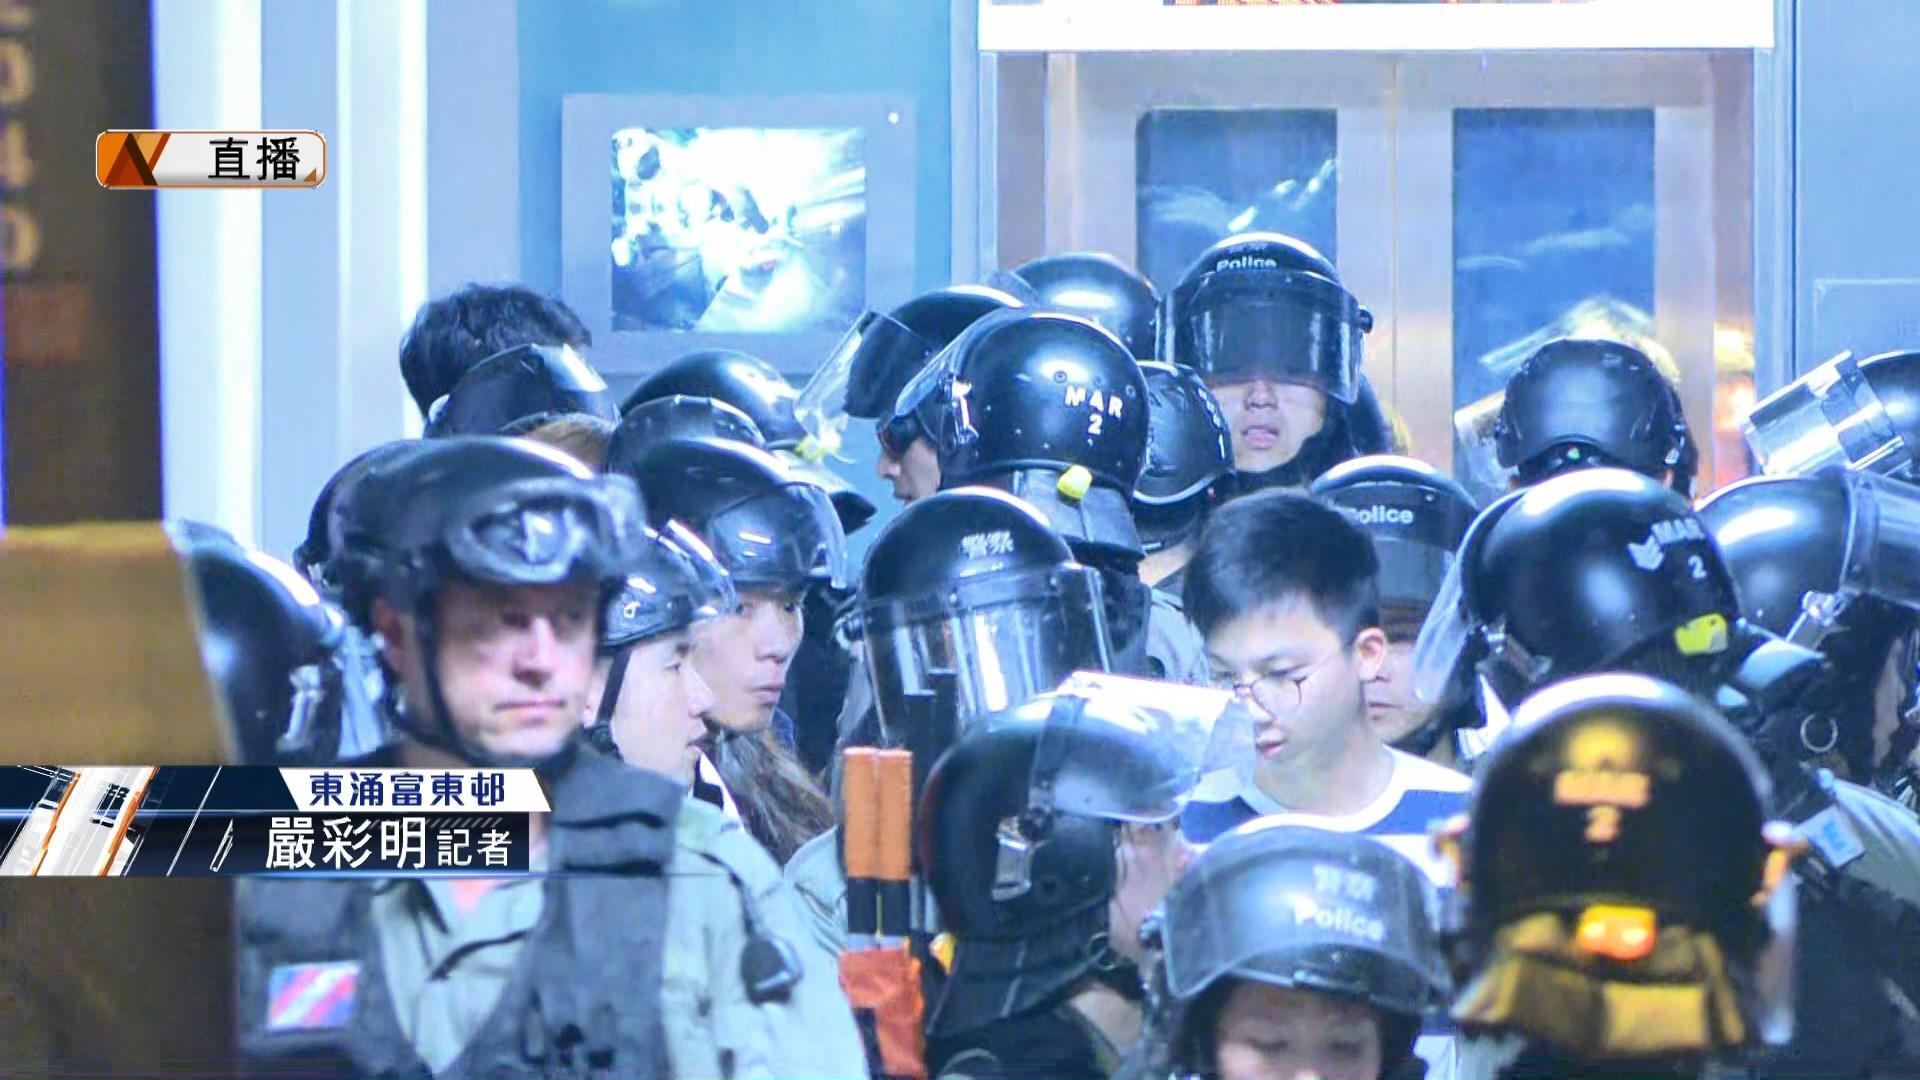 【現場報道‧東涌】防暴警察富東邨制服兩人